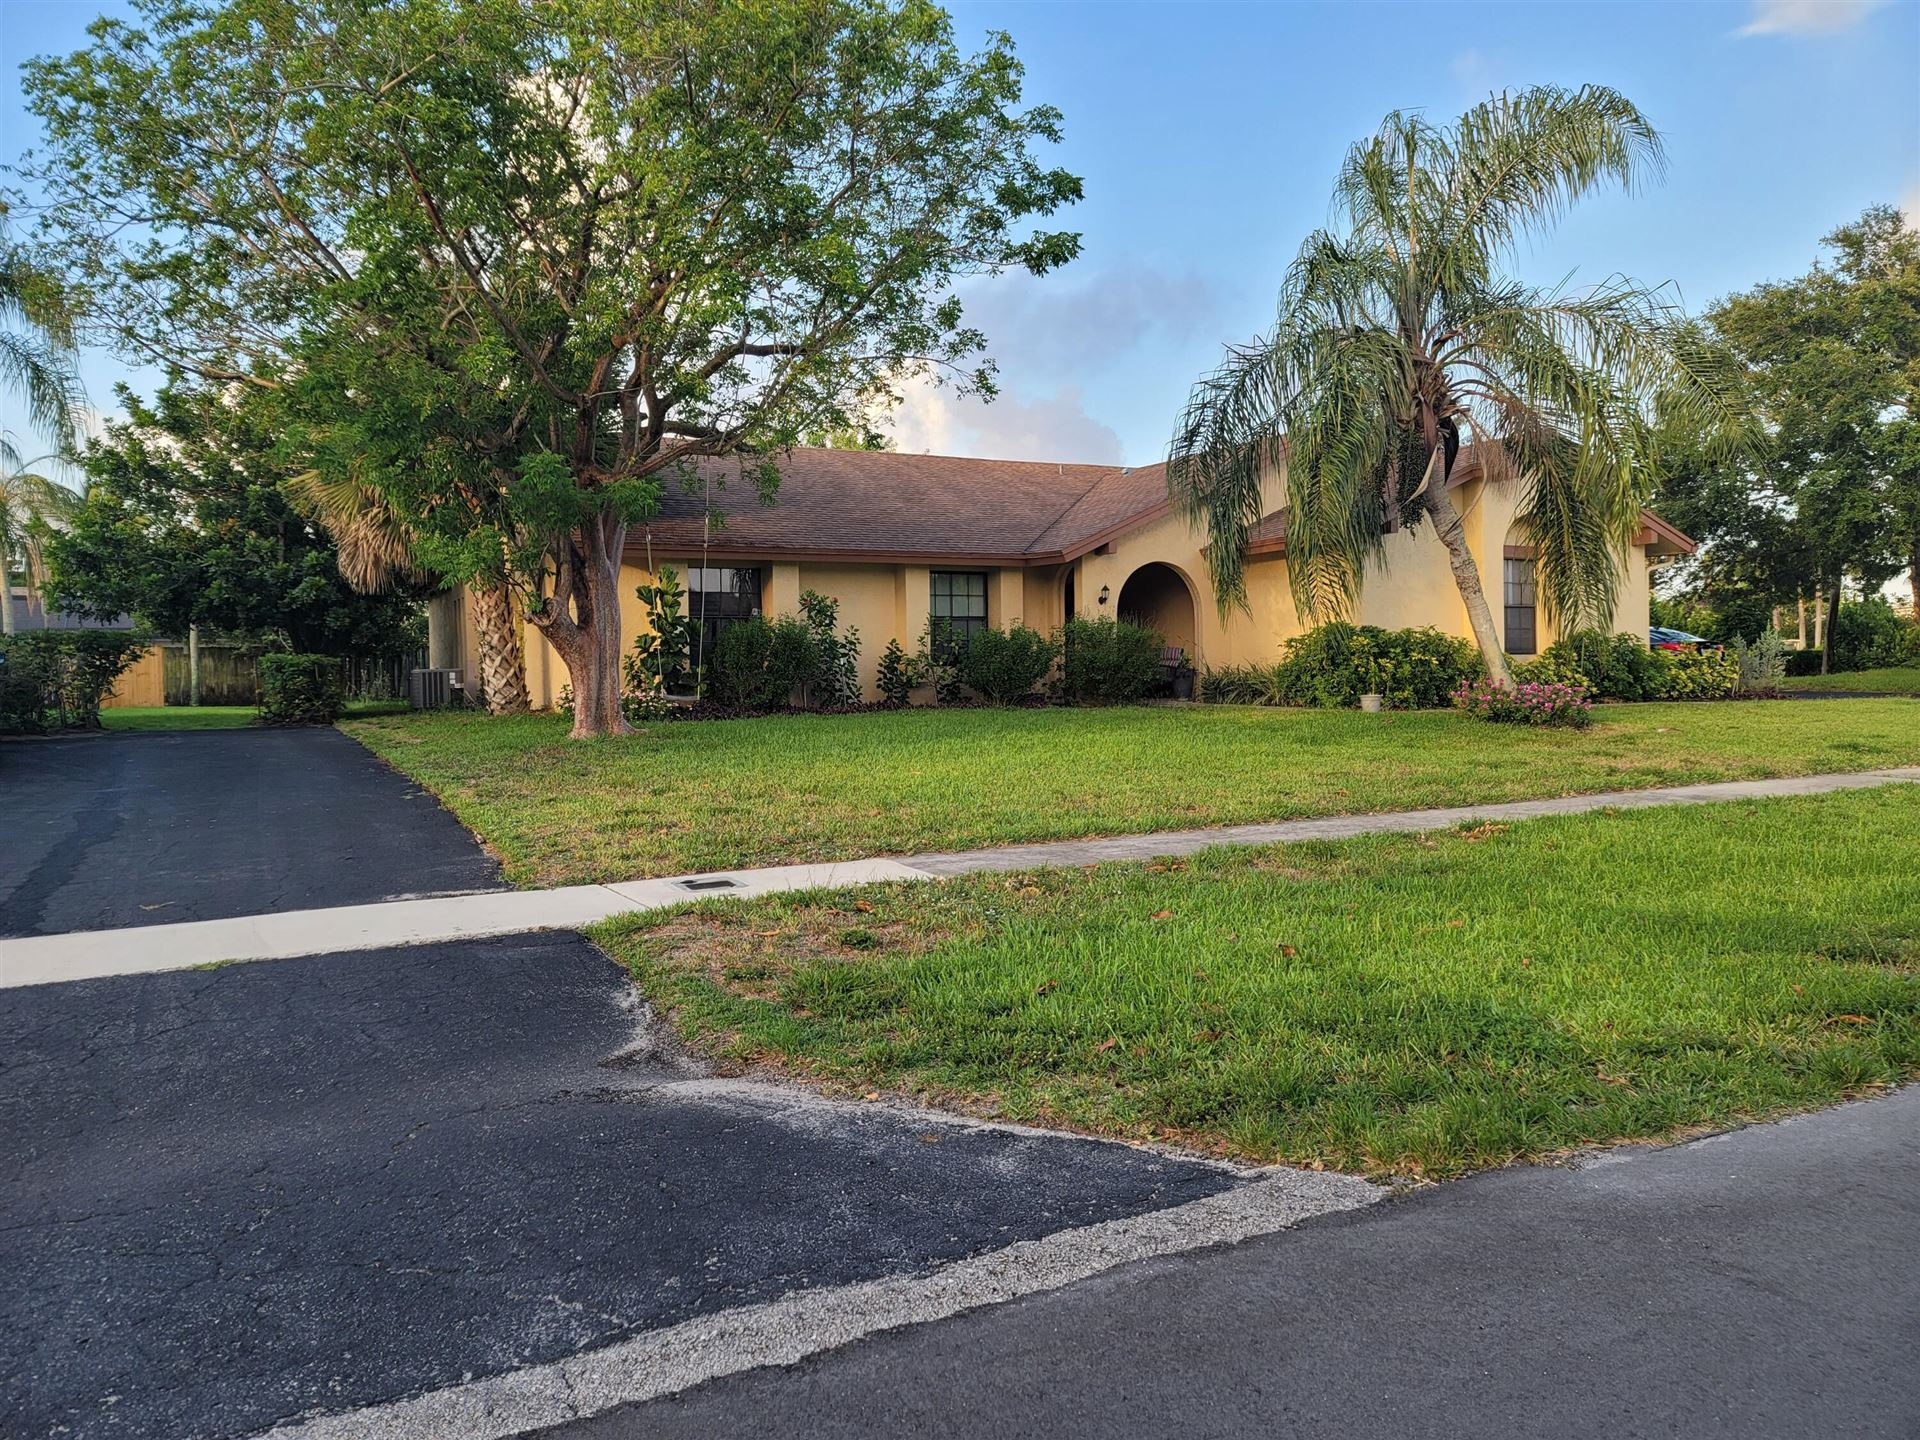 10410 185th Street S, Boca Raton, FL 33498 - MLS#: RX-10723625